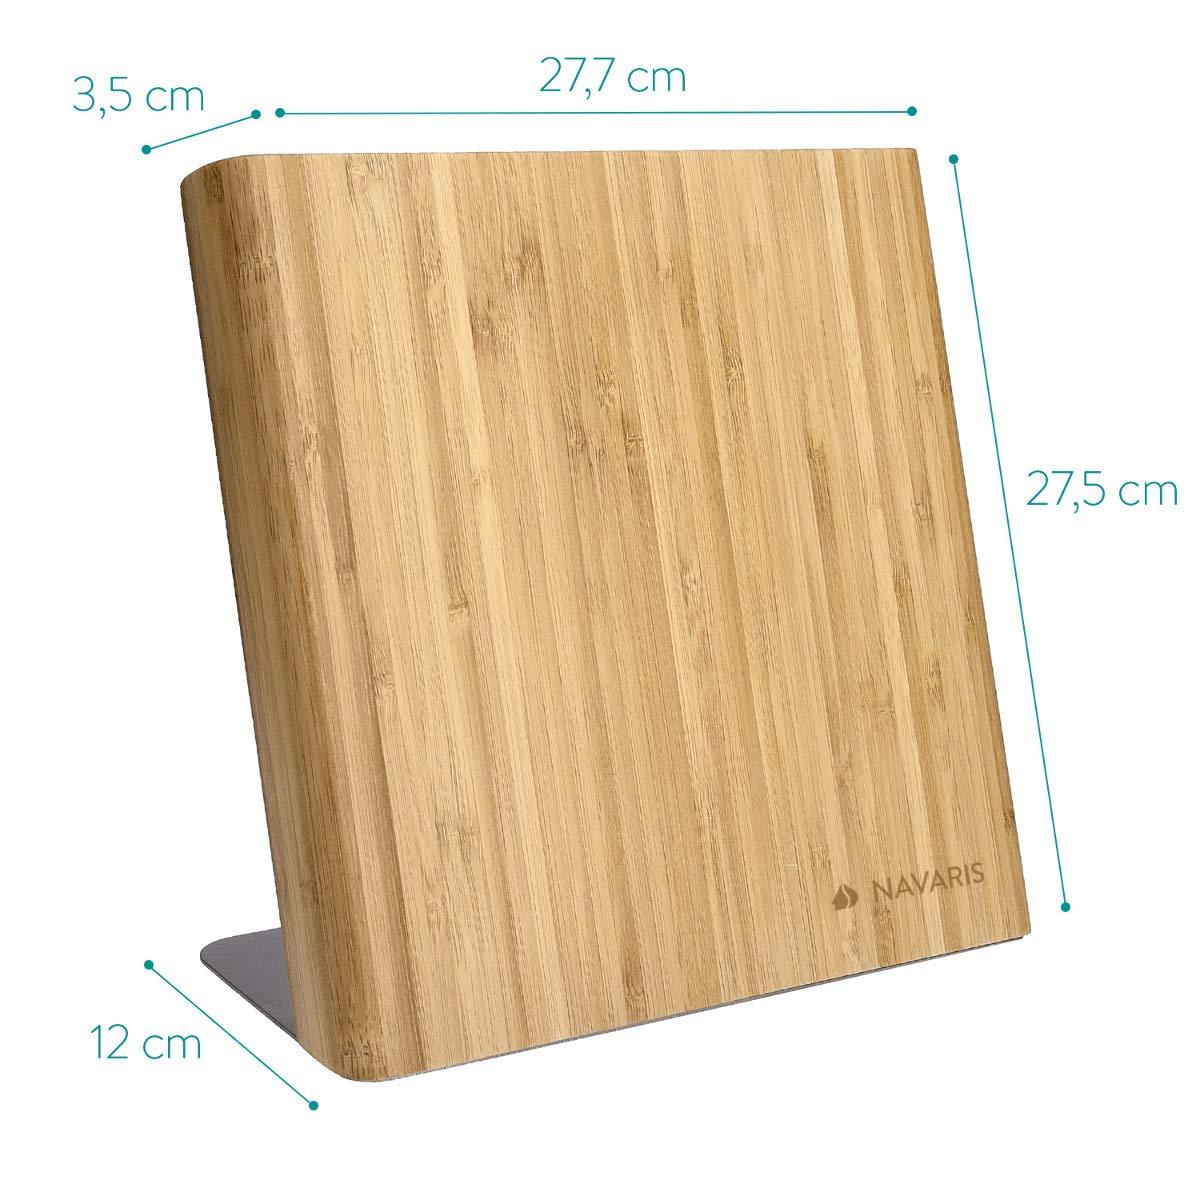 Compra Navaris Soporte magnético para Cuchillos - Bloque magnético de bambú para Utensilios de Cocina - Base magnética de Madera para Cuchillo de Damasco en ...